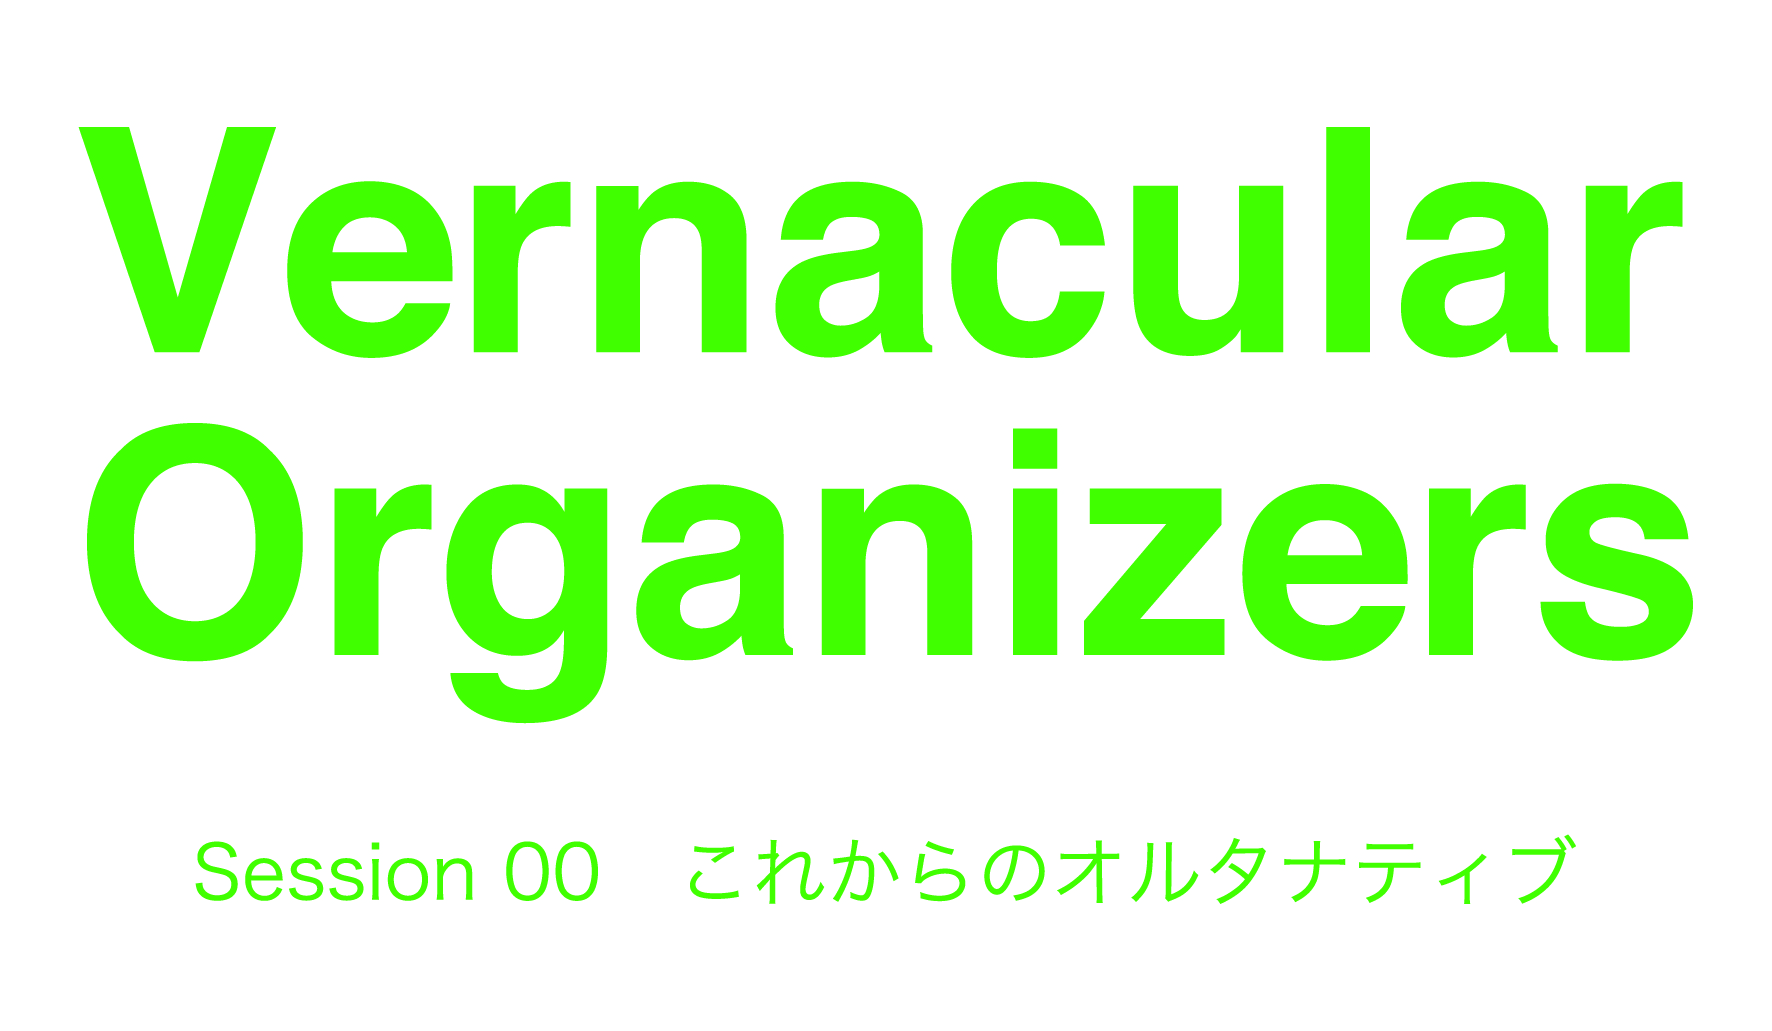 VernacularOrganizers